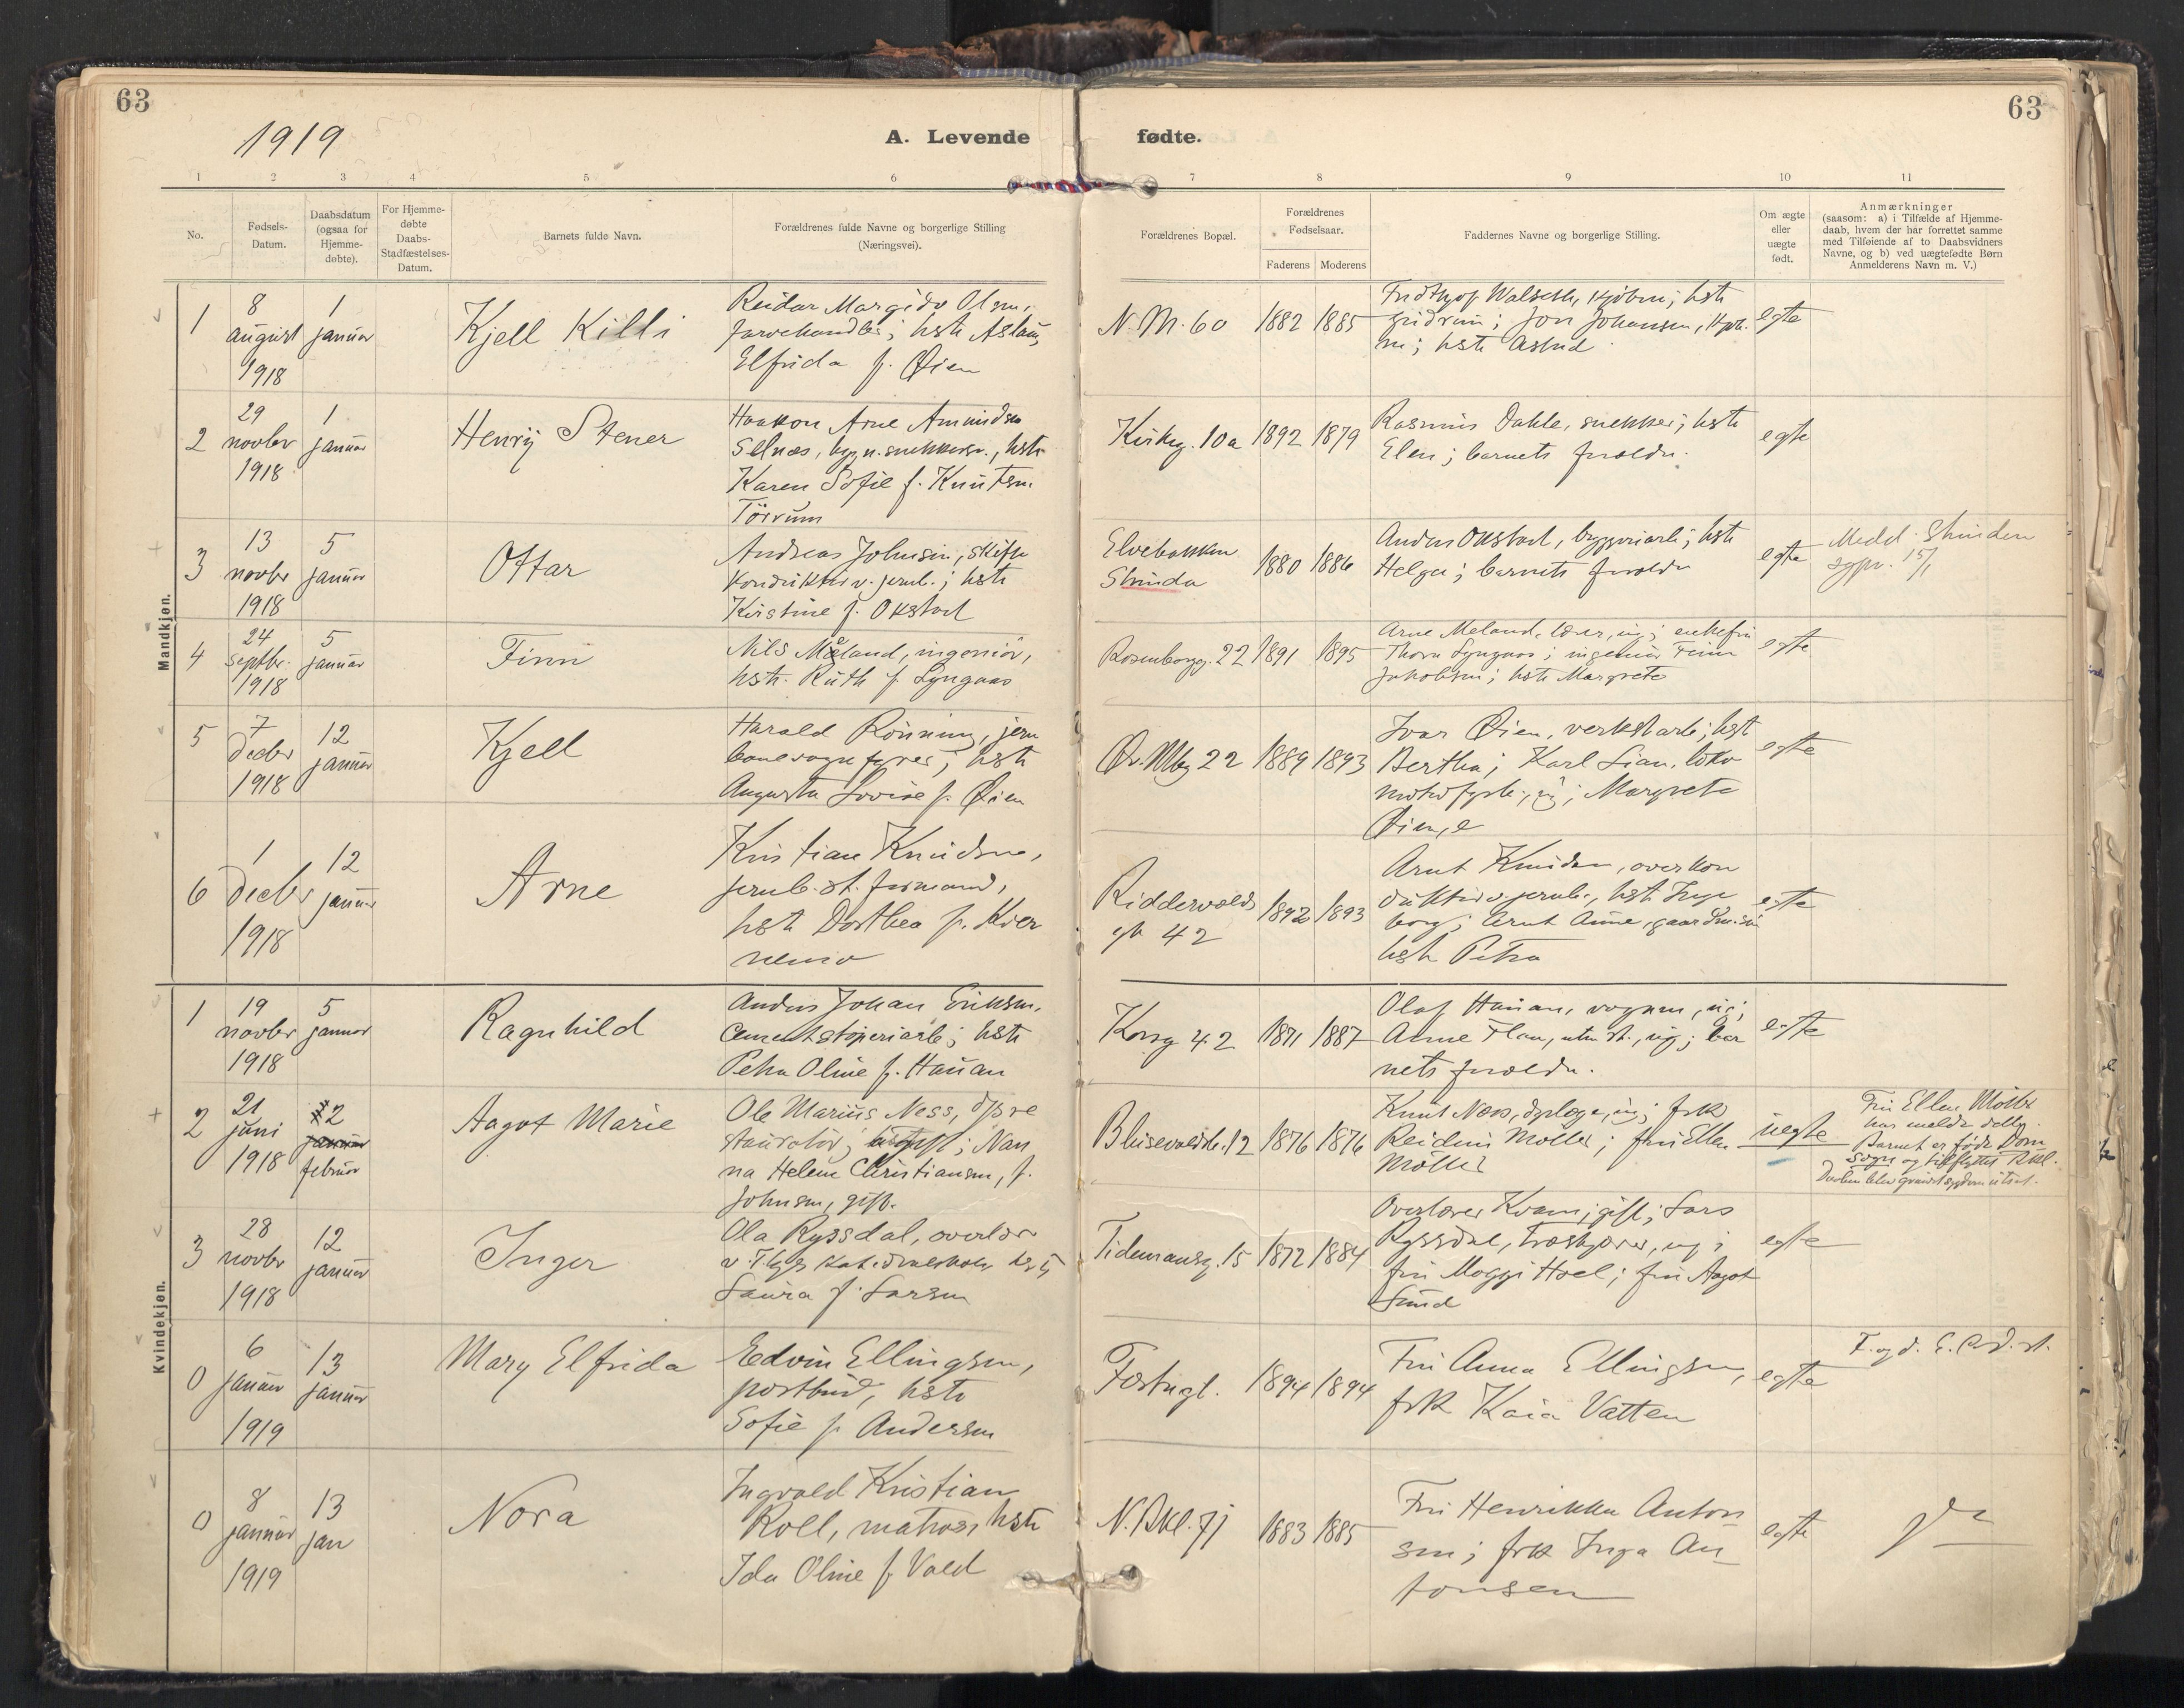 SAT, Ministerialprotokoller, klokkerbøker og fødselsregistre - Sør-Trøndelag, 604/L0205: Ministerialbok nr. 604A25, 1917-1932, s. 63